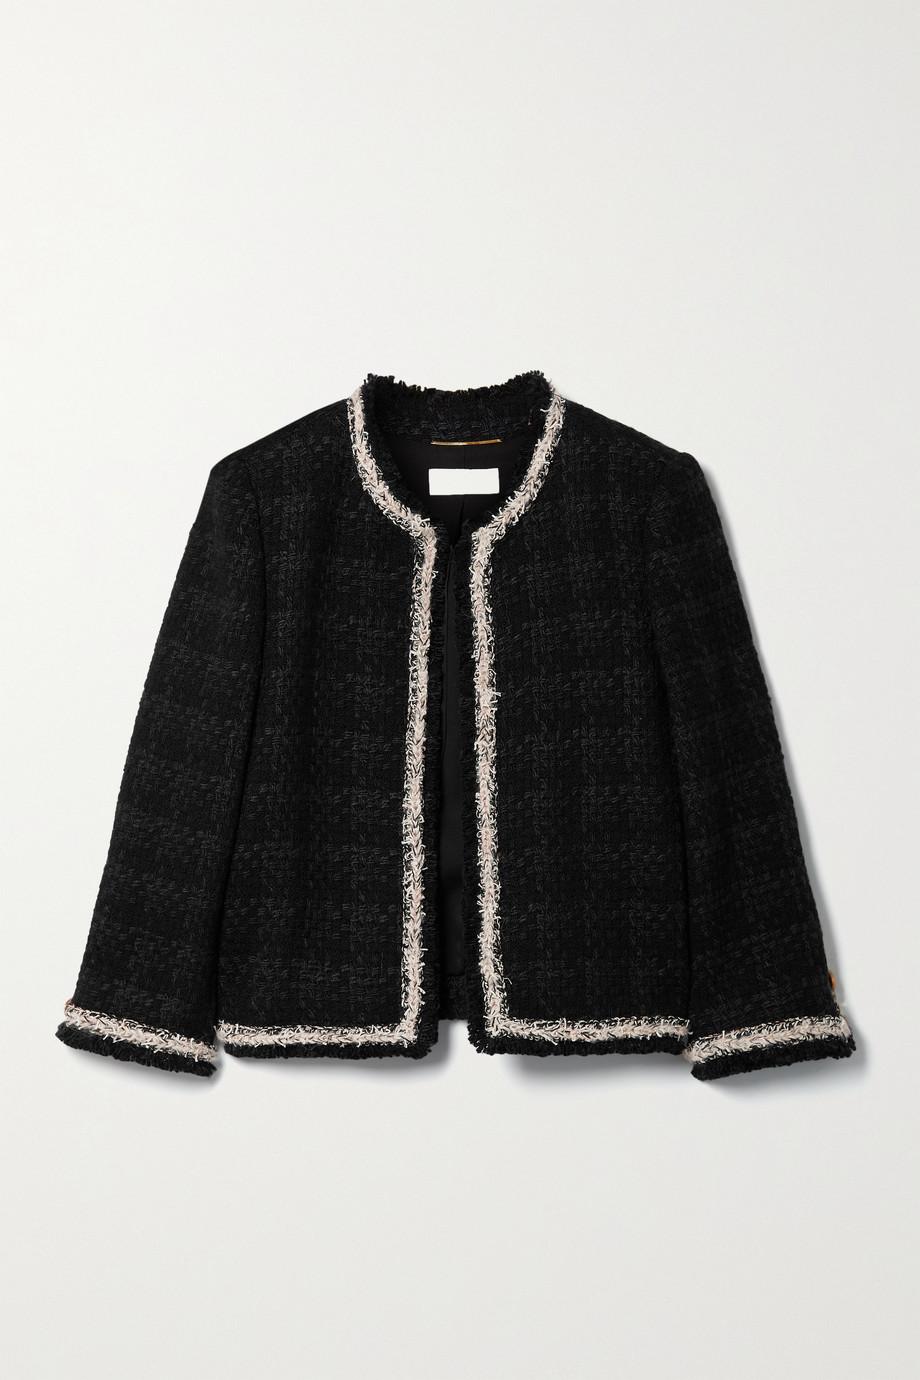 SAINT LAURENT Jacke aus kariertem Tweed aus einer Wollmischung